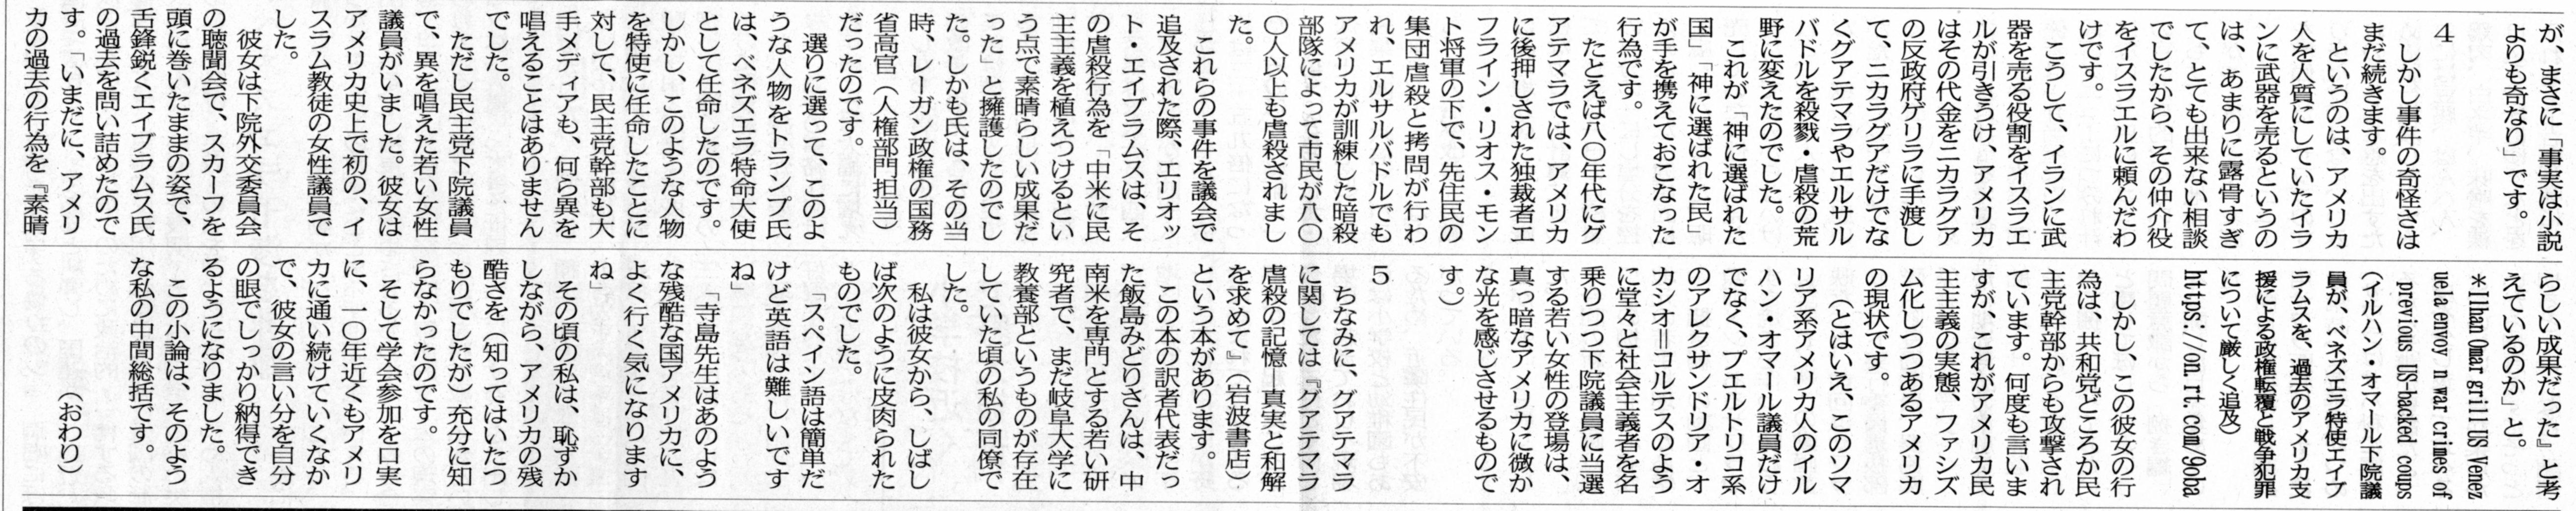 長州新聞20190210神に選ばれた国と神に選ばれた民に未来はあるか⑨229